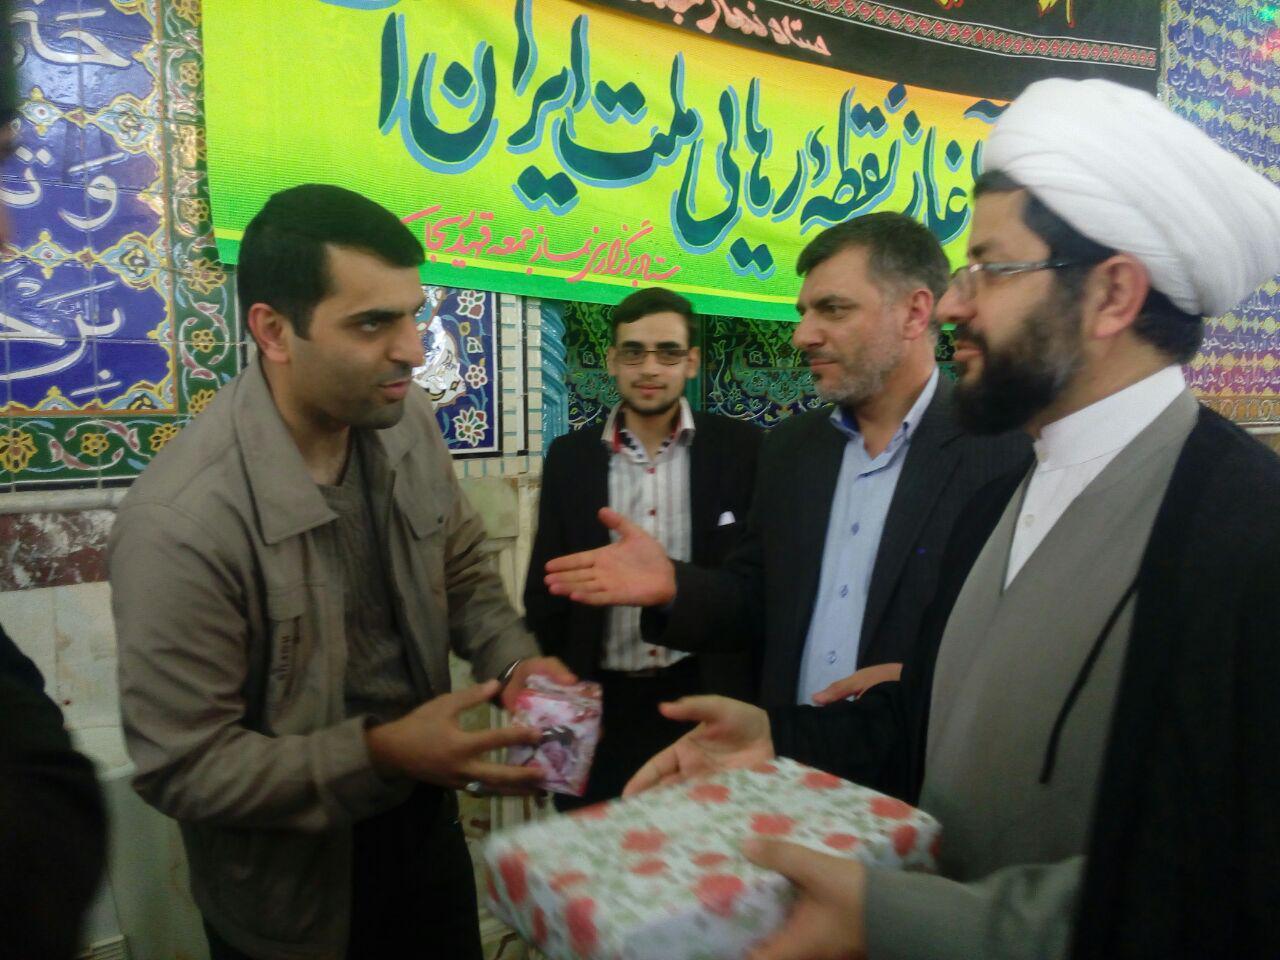 هدای جایزه به برنده های مسابقه خط حزب الله توسط امام جمعه محترم شهر قهدریجان در نماز جمعه این هفته